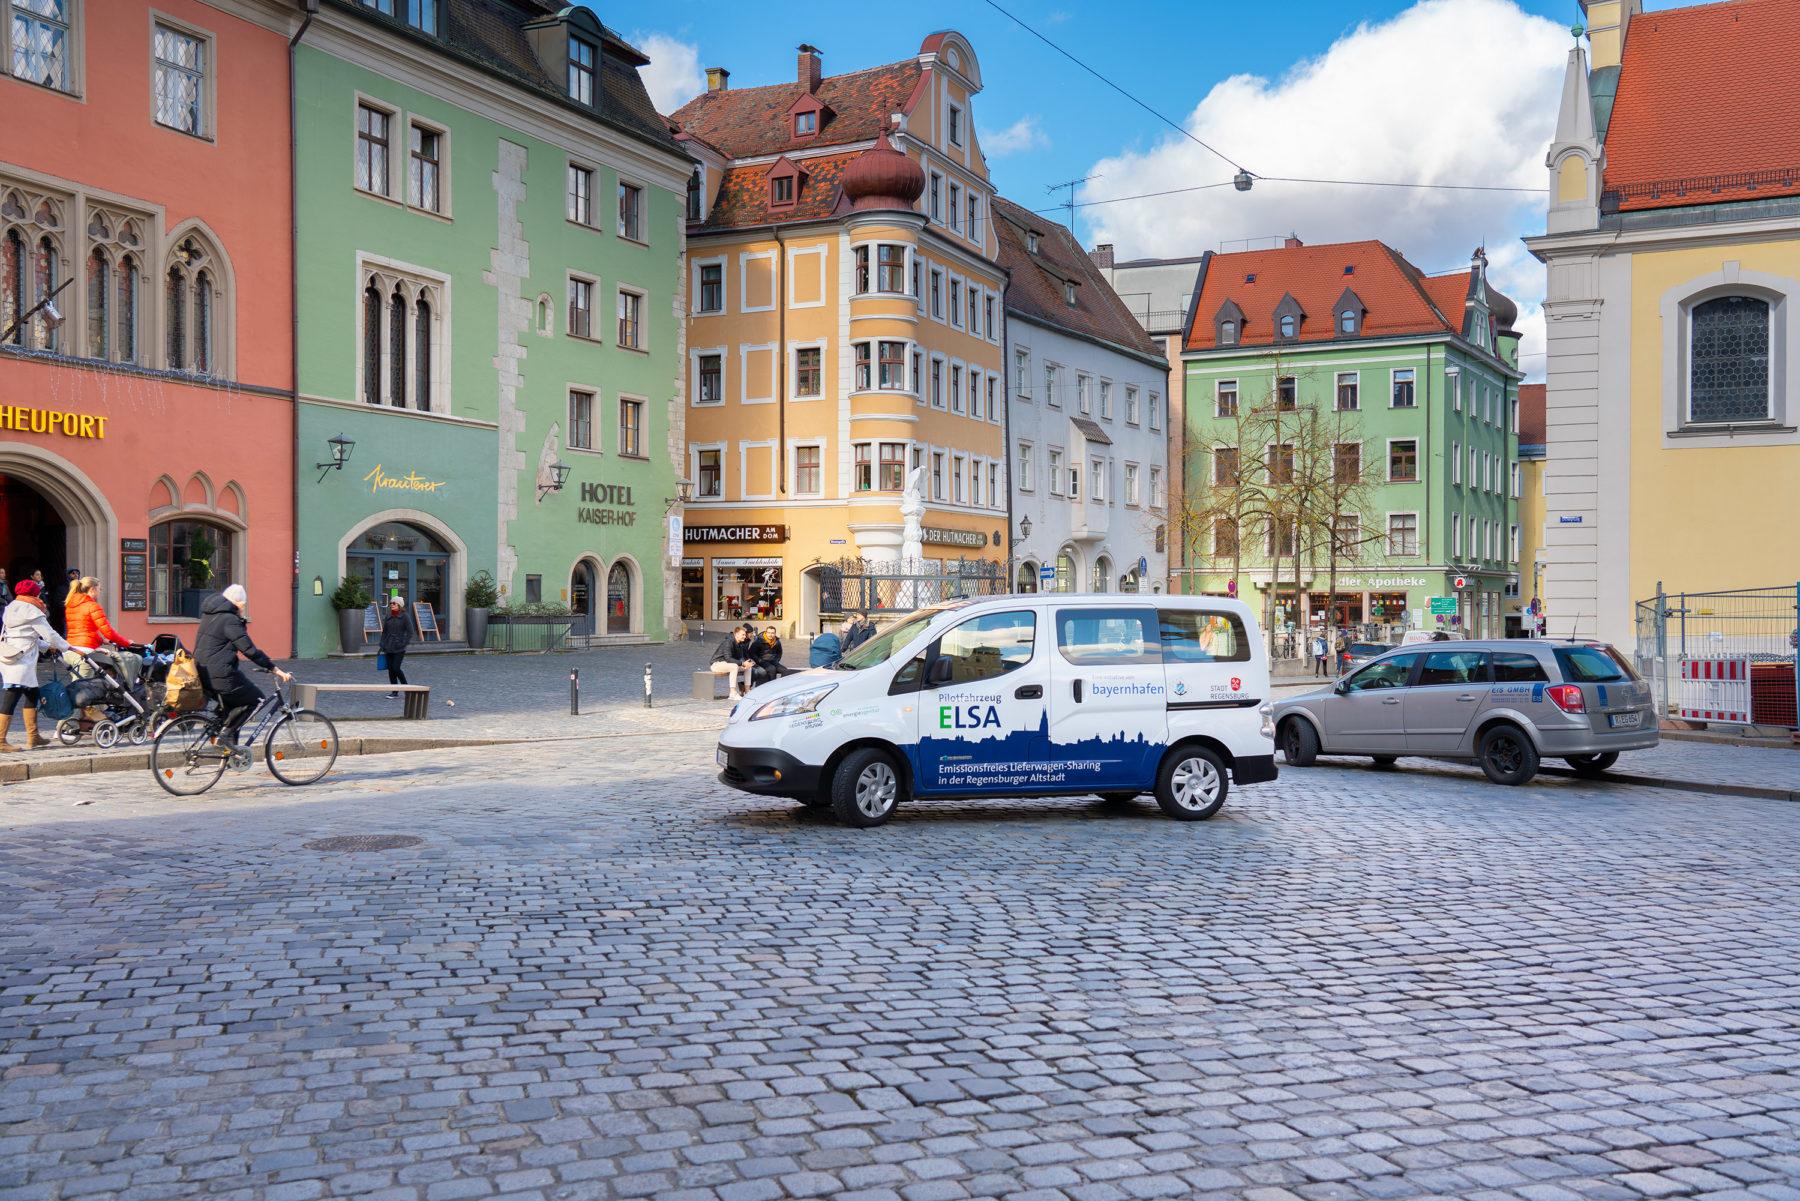 Elsa Lieferwagen sharing_Altstadt Regensburg bayernhafen